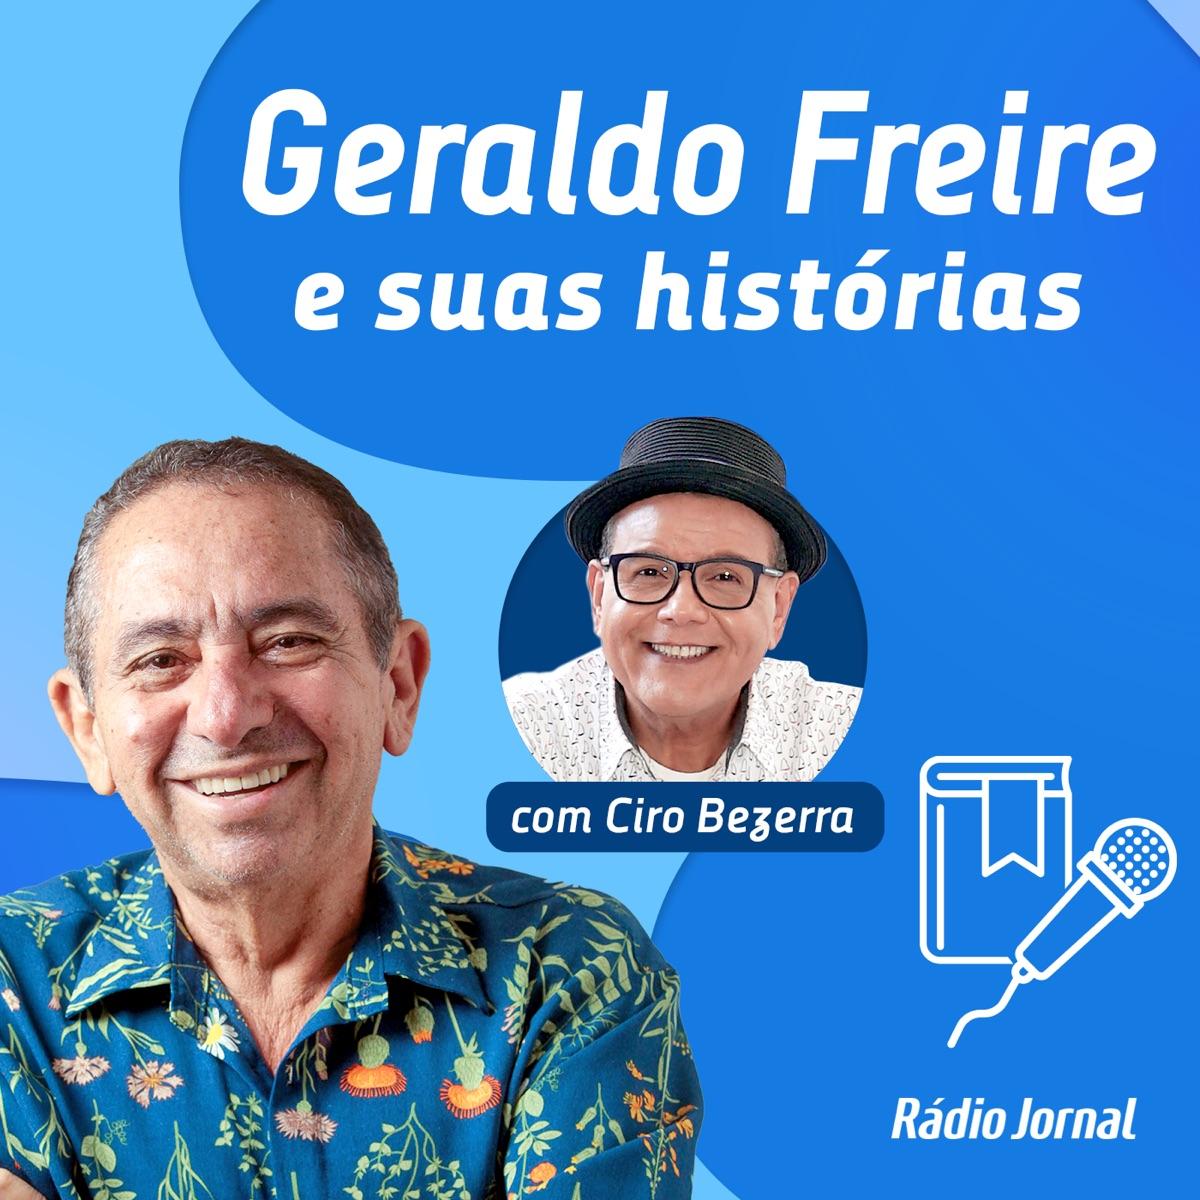 Geraldo Freire e suas histórias